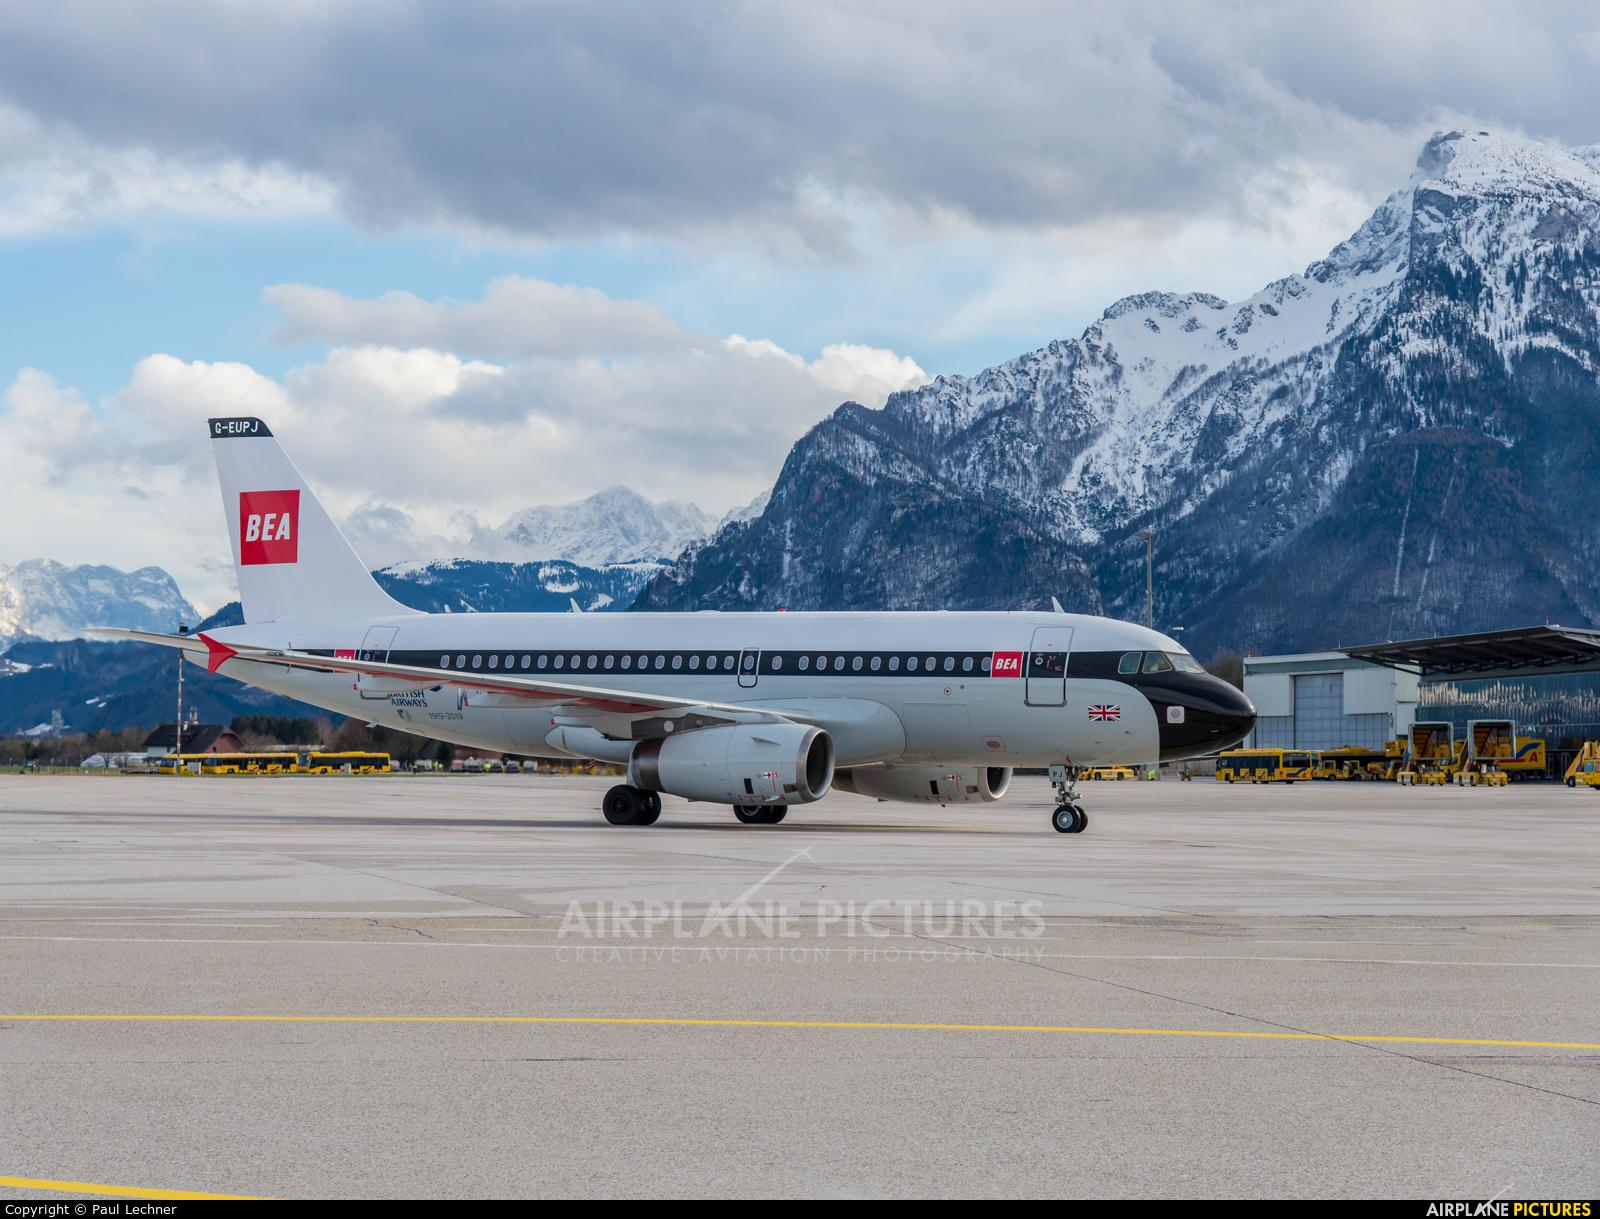 British Airways G-EUPJ aircraft at Salzburg